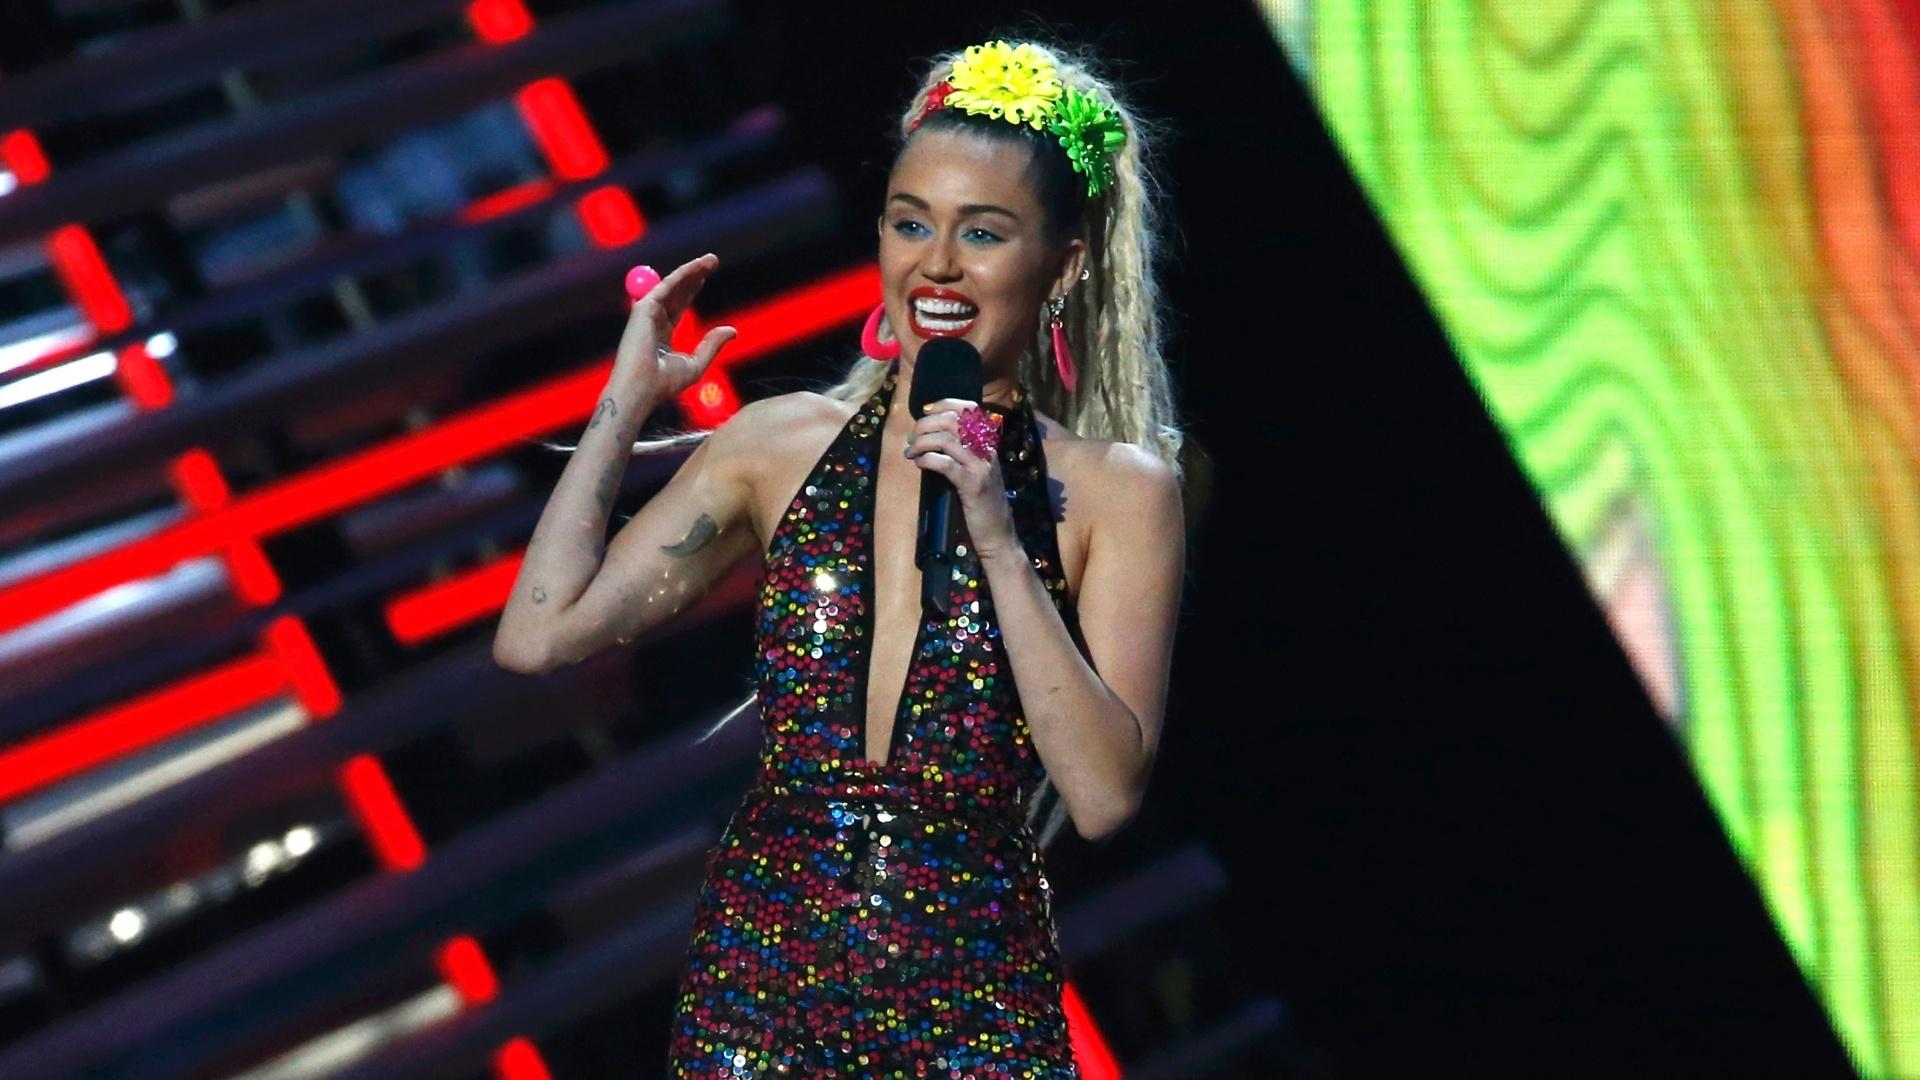 30.ago.2015 - Miley Cyrus foi a apresentadora da noite no VMA 2015, em Los Angeles